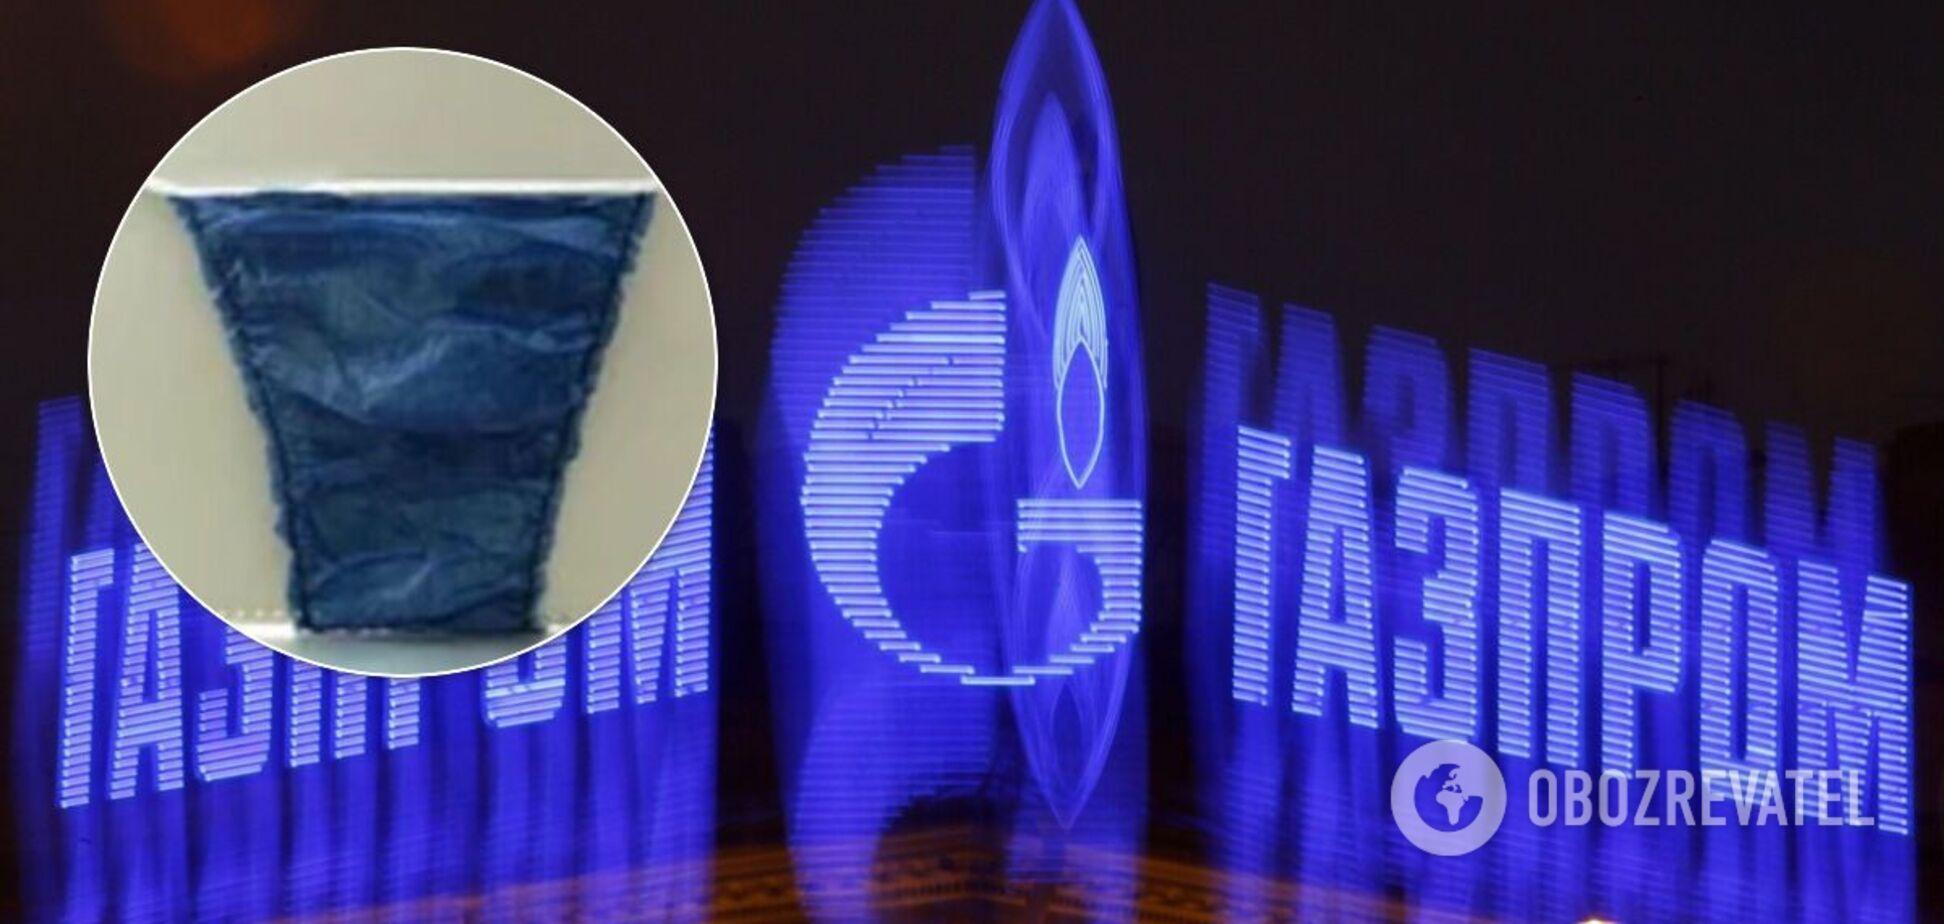 Закупку проводит курортный комплекс 'Газпрома'